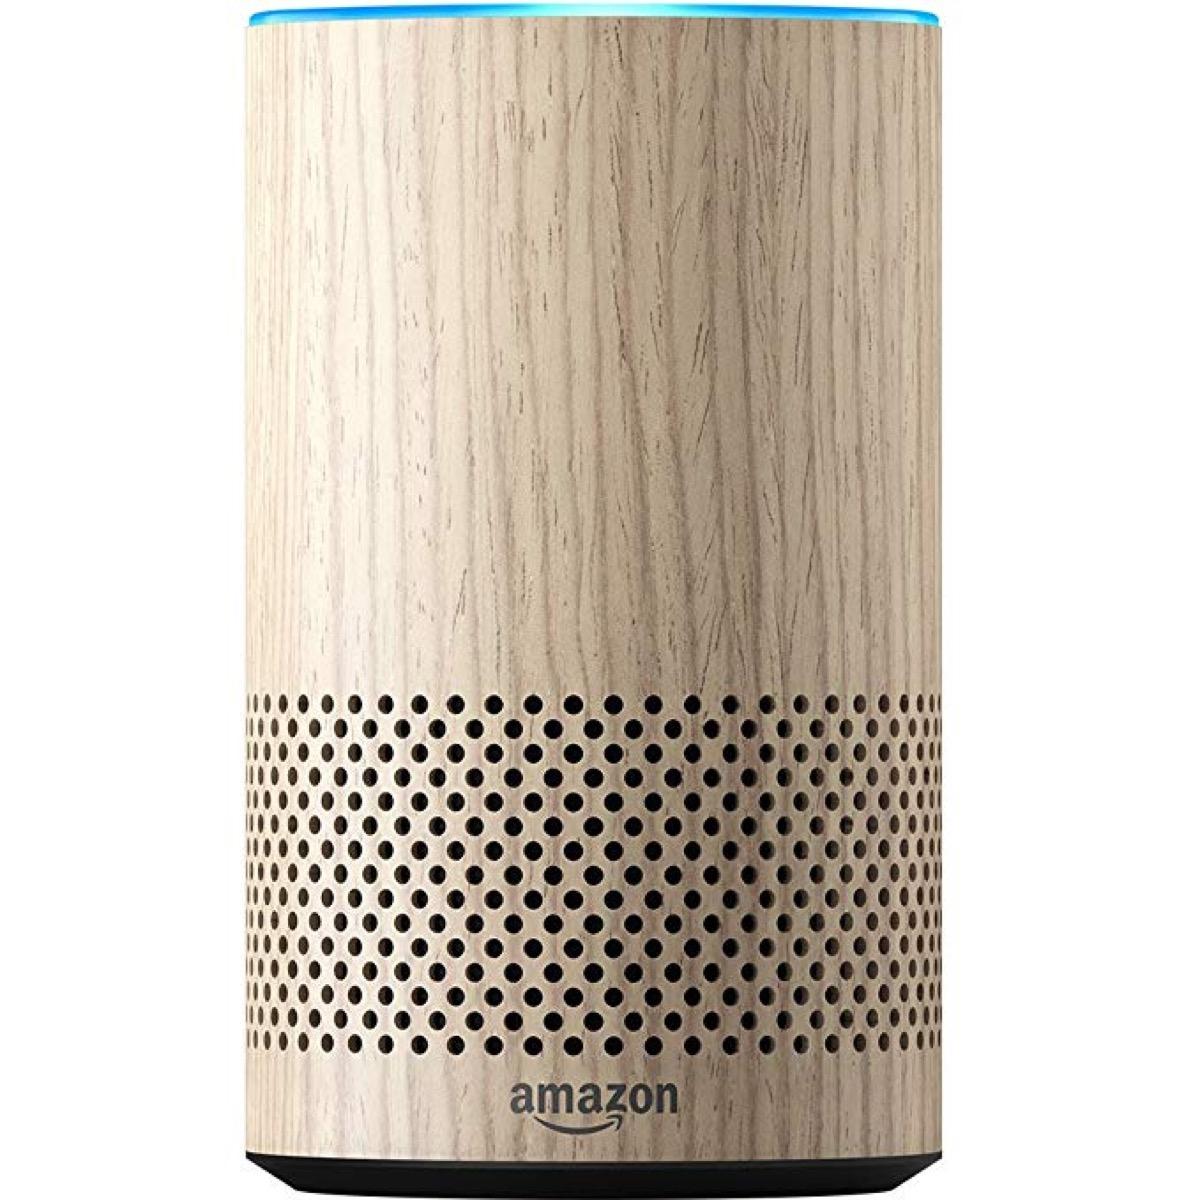 echo 2nd generation smart speaker, gifts for girlfriend